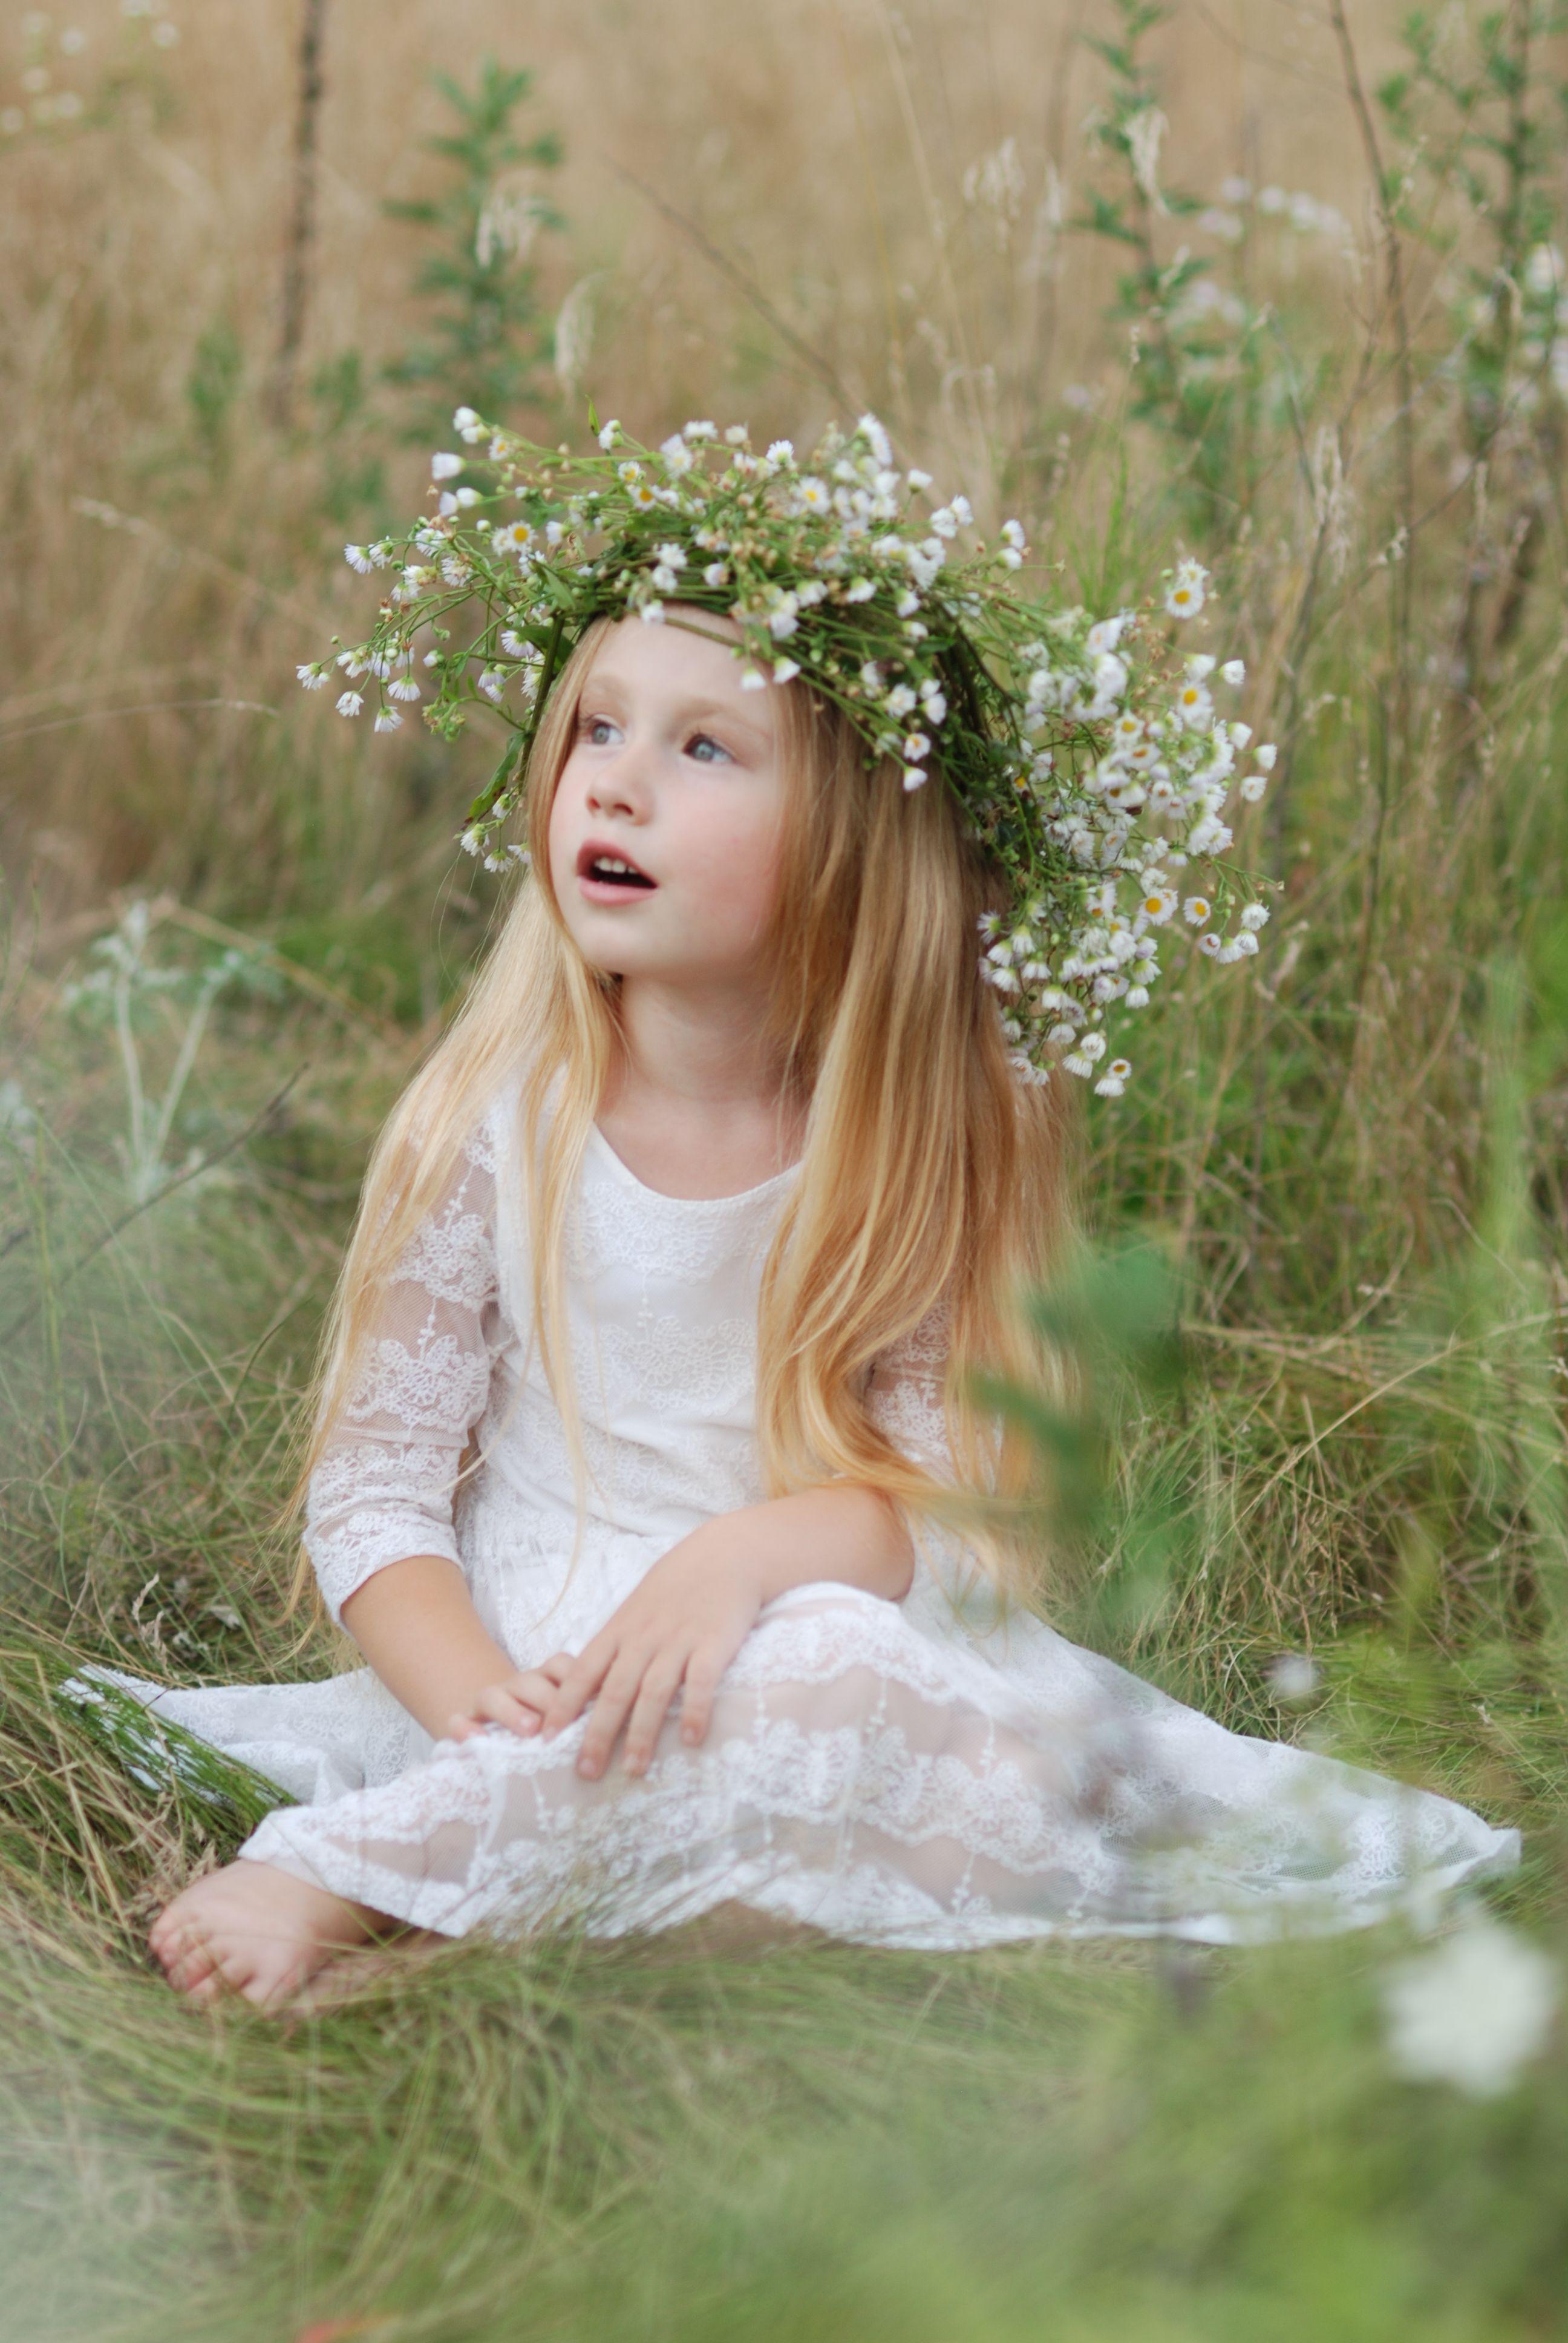 Little Forest Fairy_1 by anastasiya-landa.deviantart.com on @DeviantArt